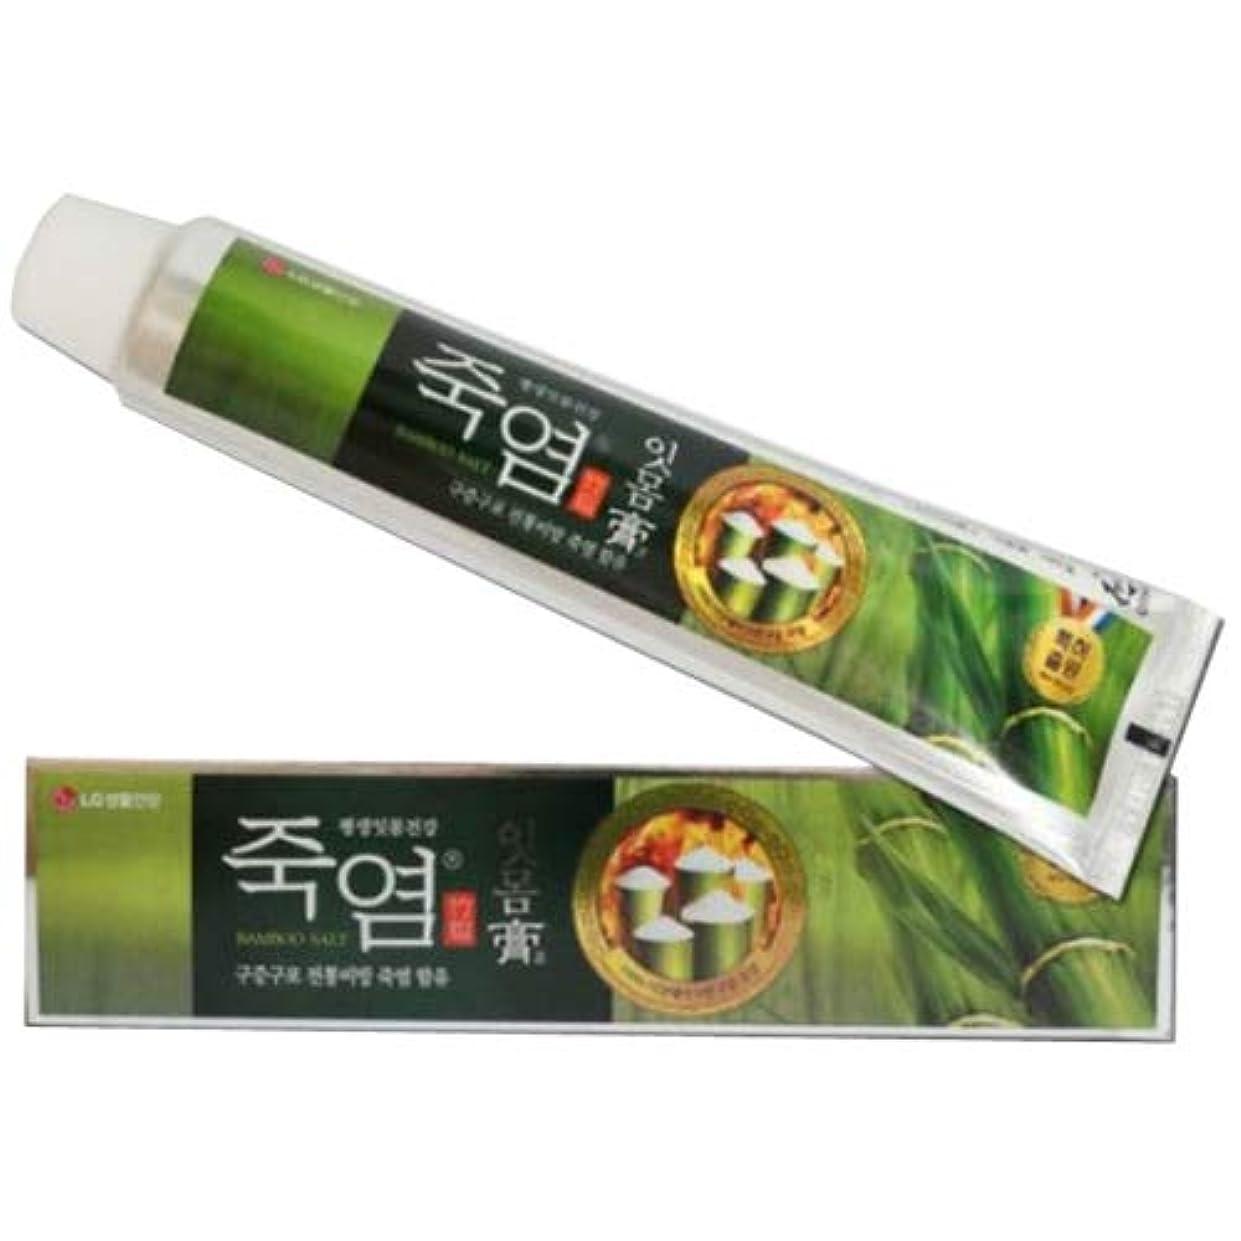 縁送るお勧め[LG Care/LG生活健康]竹塩歯磨き粉つぶれて歯茎を健康に120g x1EA 歯磨きセットスペシャル?リミテッドToothpaste Set Special Limited Korea